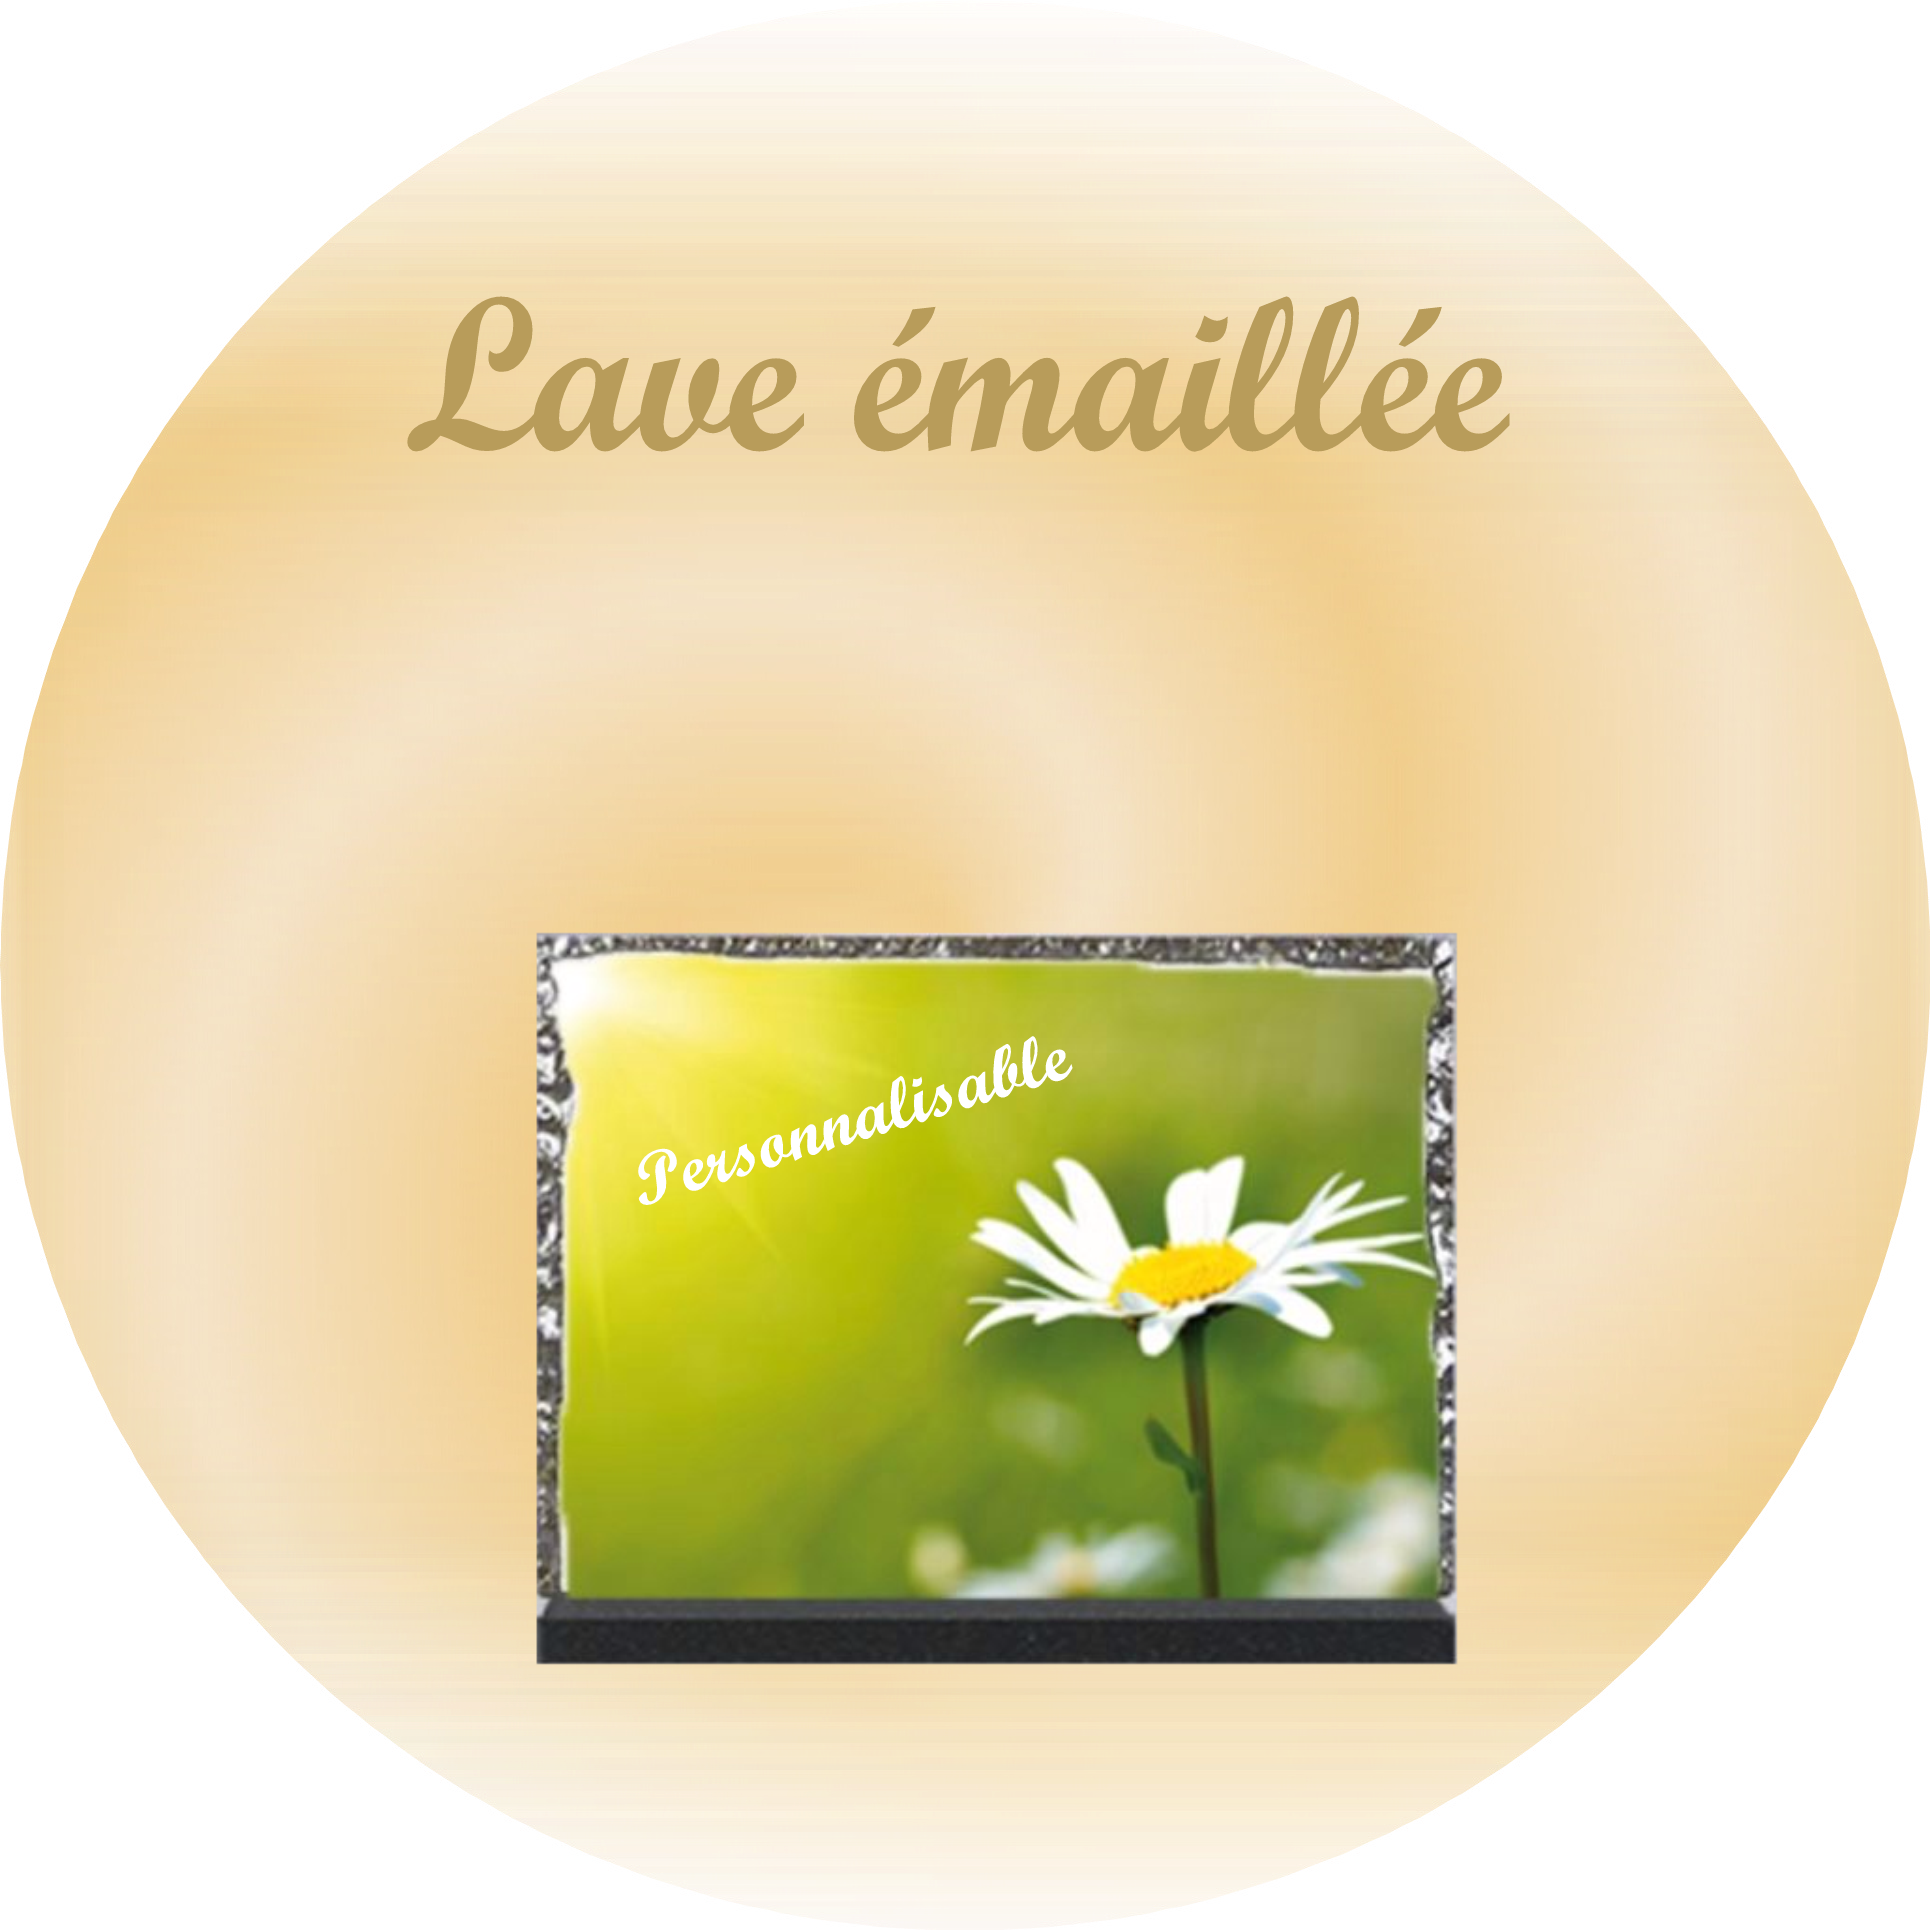 LIVRAISON PLAQUE FUNERAIRE LAVE EMAILLEE PARIS 1ER